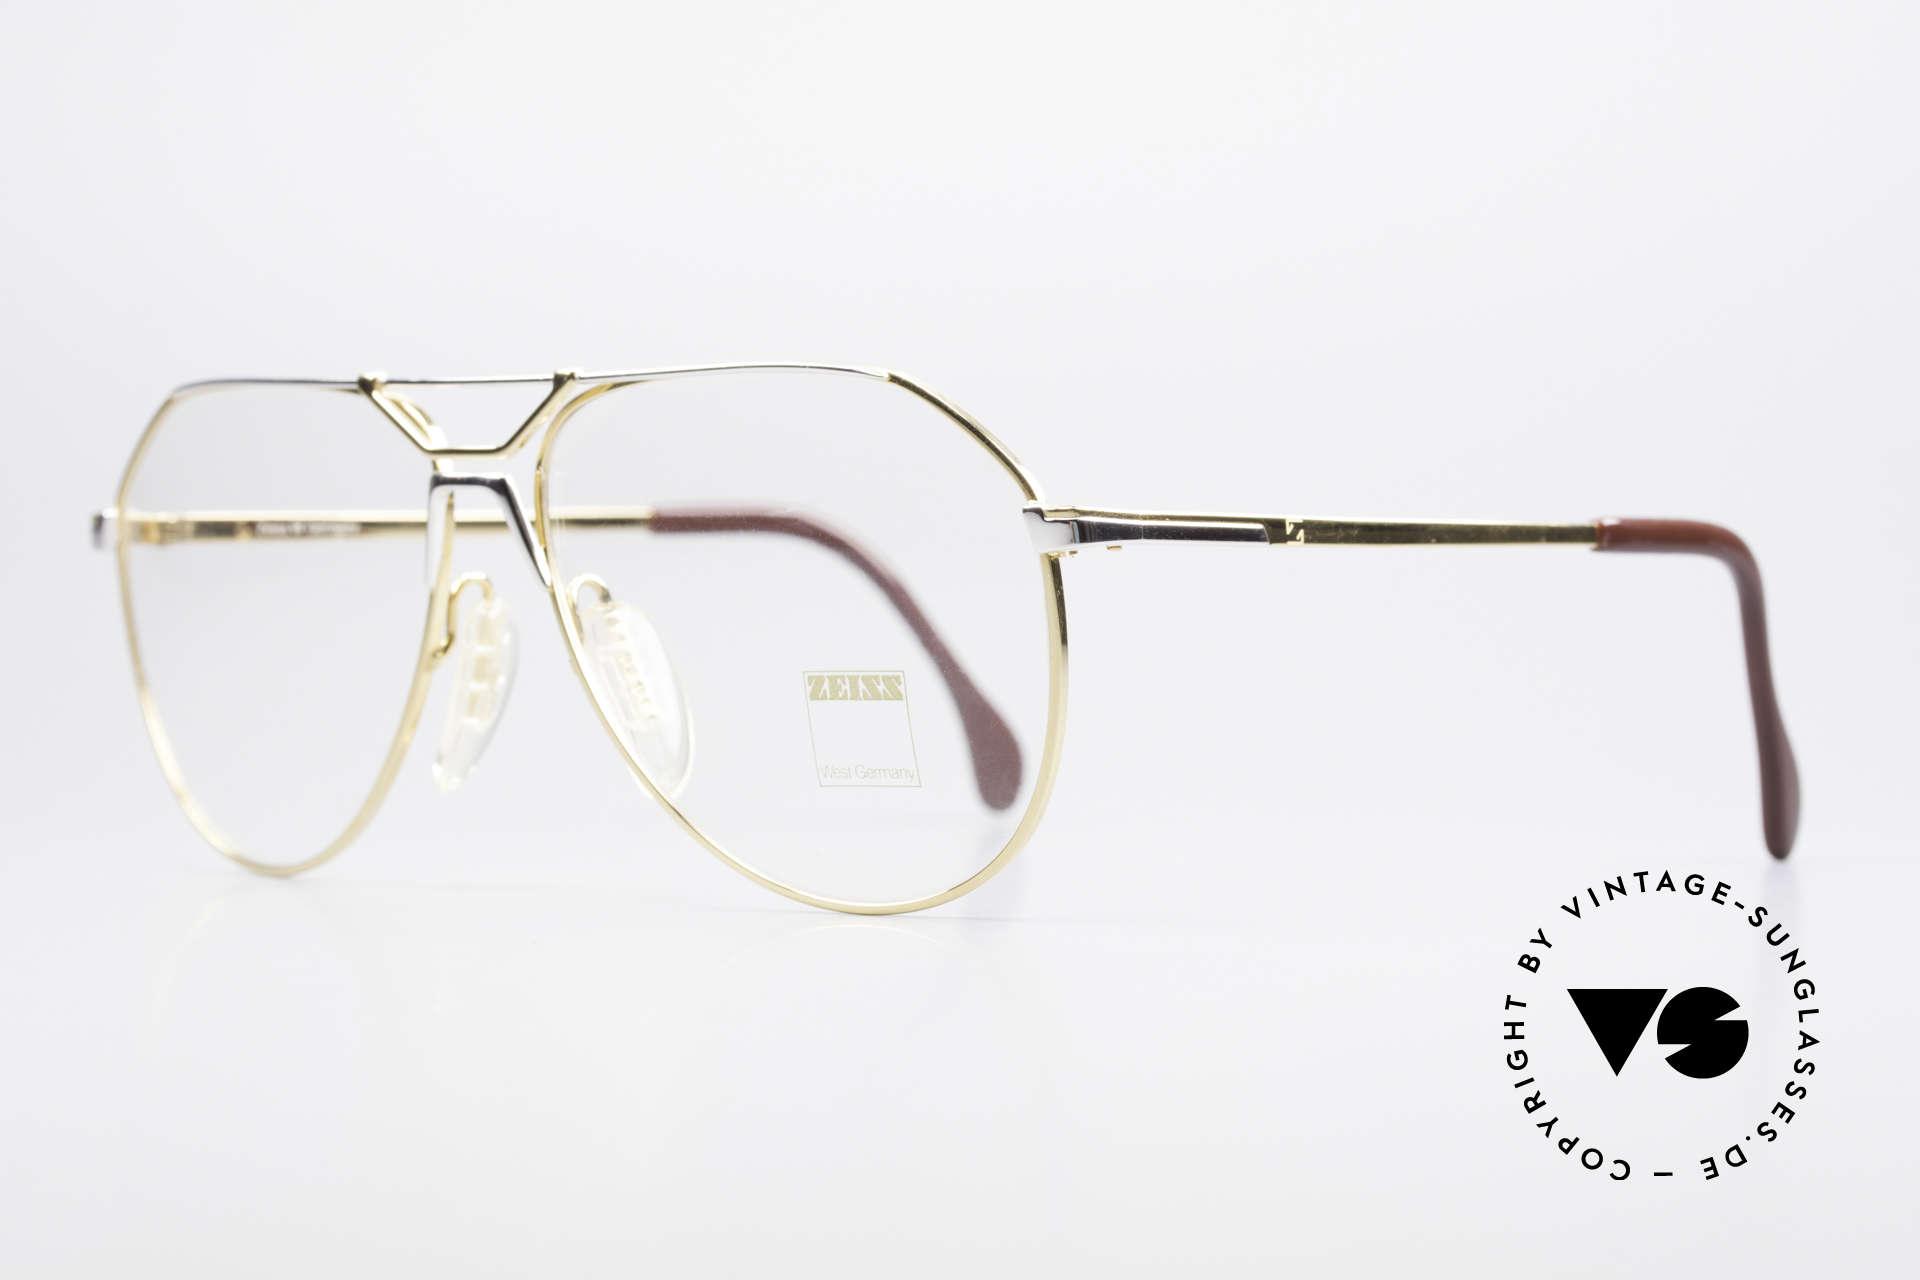 Zeiss 5897 West Germany Qualitätsbrille, wie aus einem Stück ... und für die Ewigkeit gemacht, Passend für Herren